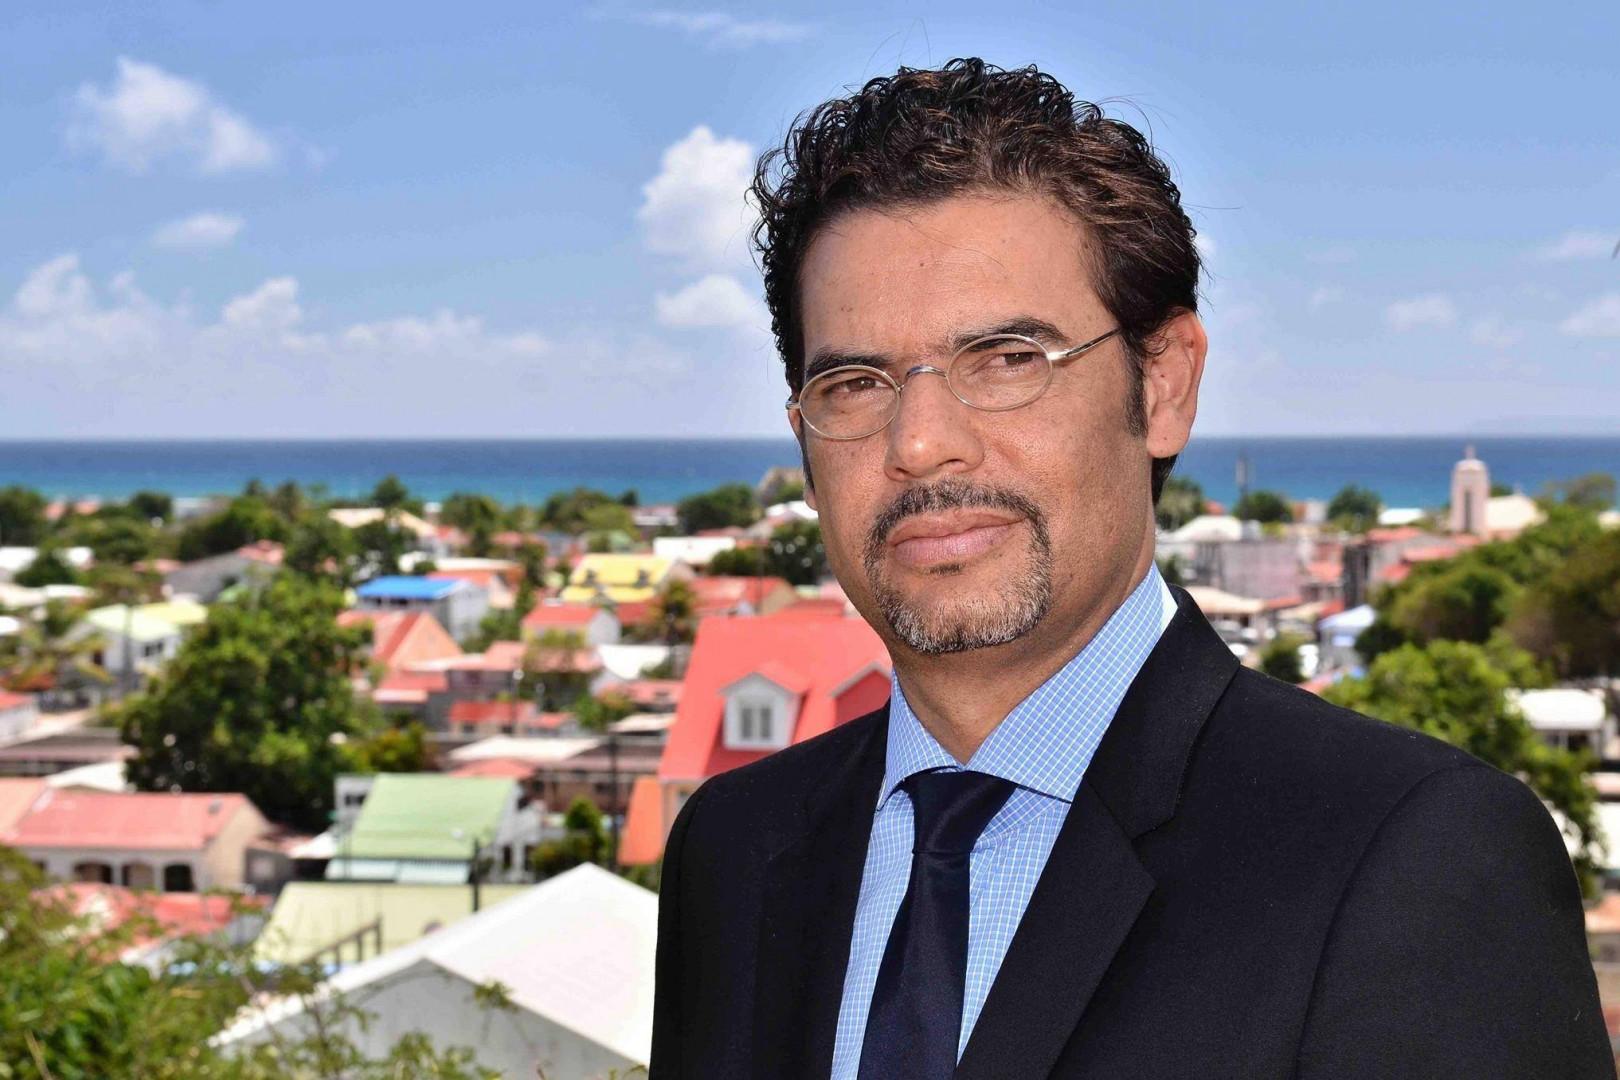 Laurent Bernier, tête de liste Les Républicains aux élections régionales 2015 en Guadeloupe